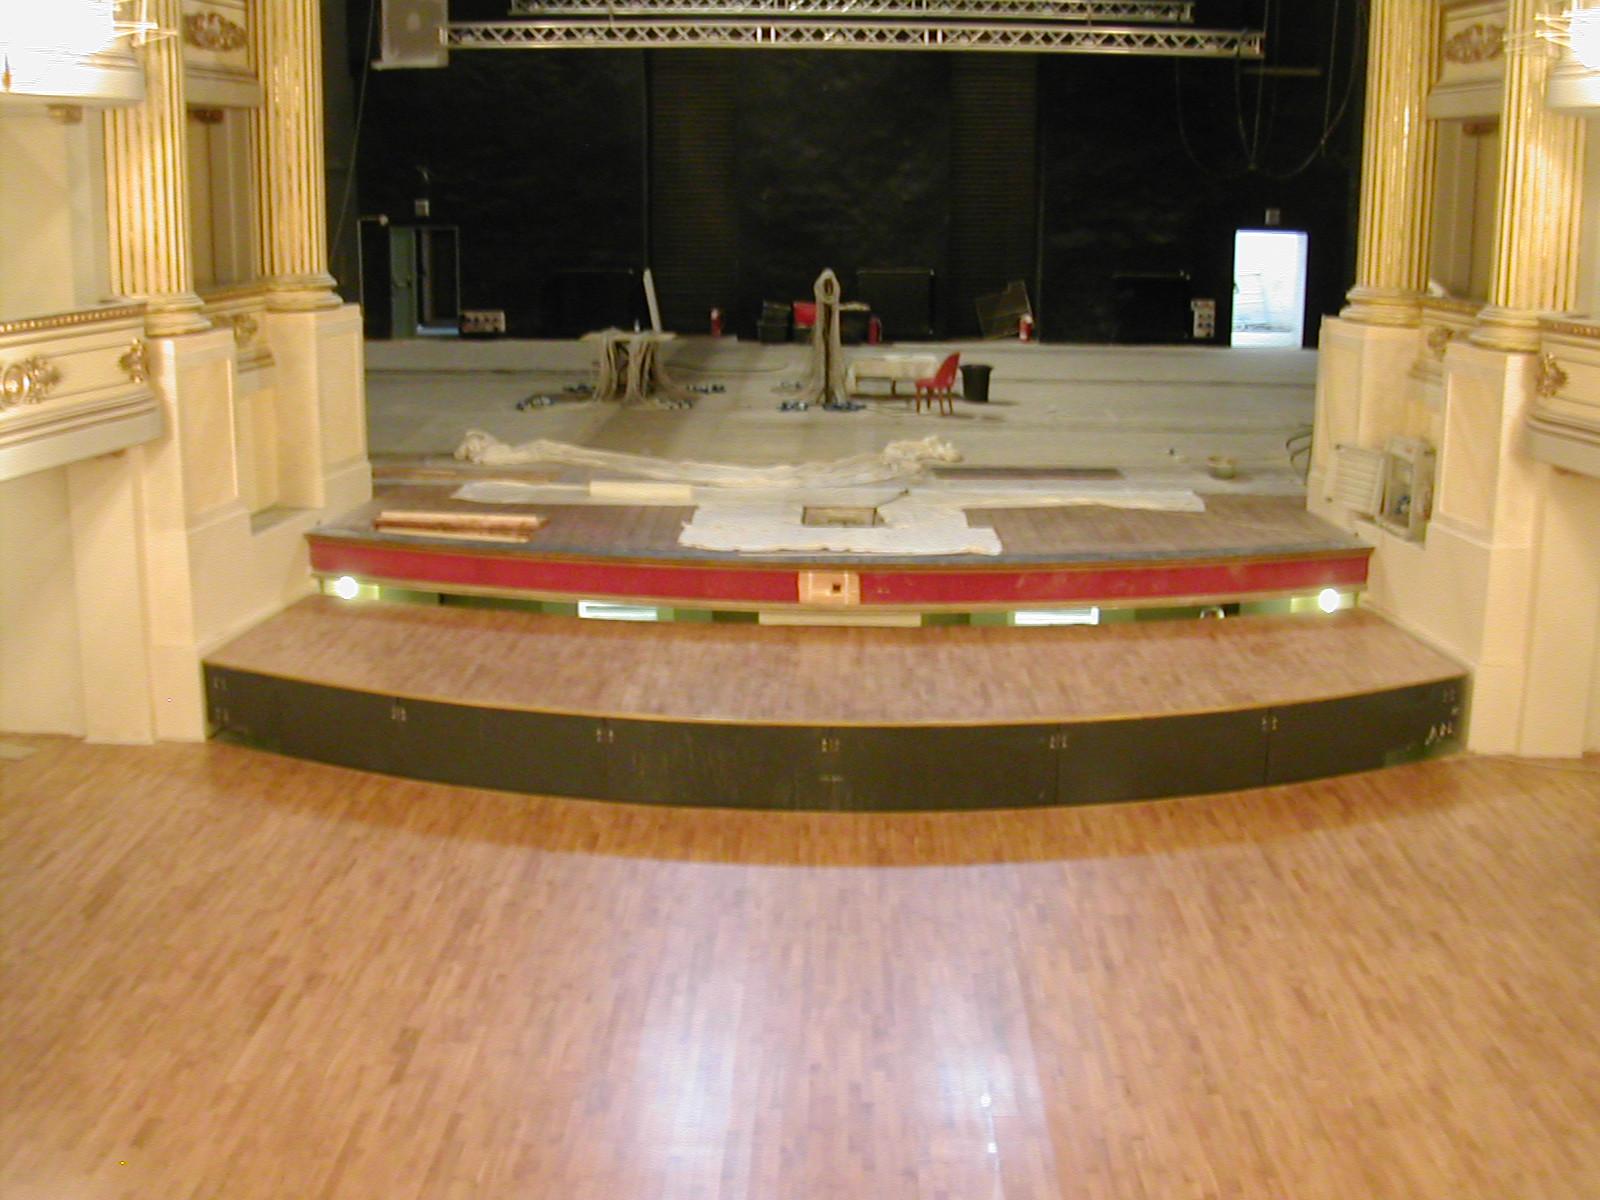 Piattaforme mobili golfo mistico. Opera realizzata presso il Teatro Chiabrera di Savona